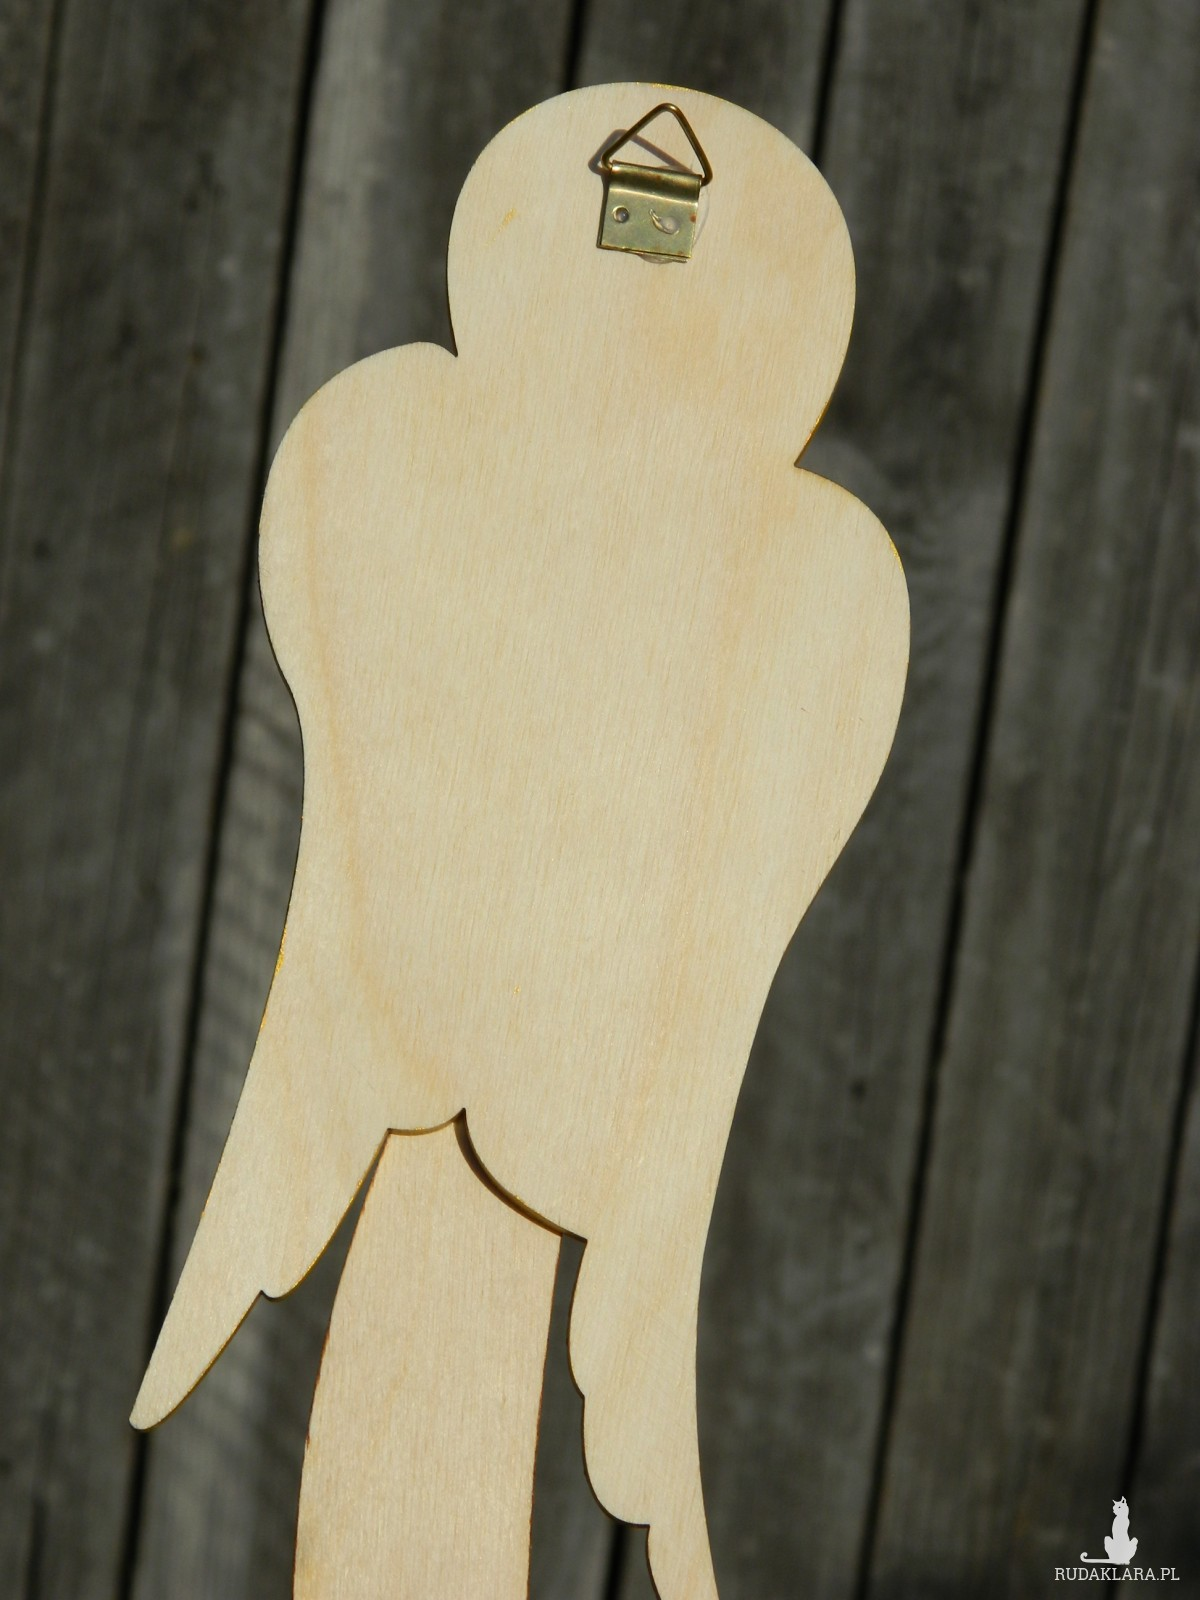 Ludowy anioł drewniany do powieszenia, wzór Bolesławiec, anioł rustykalny